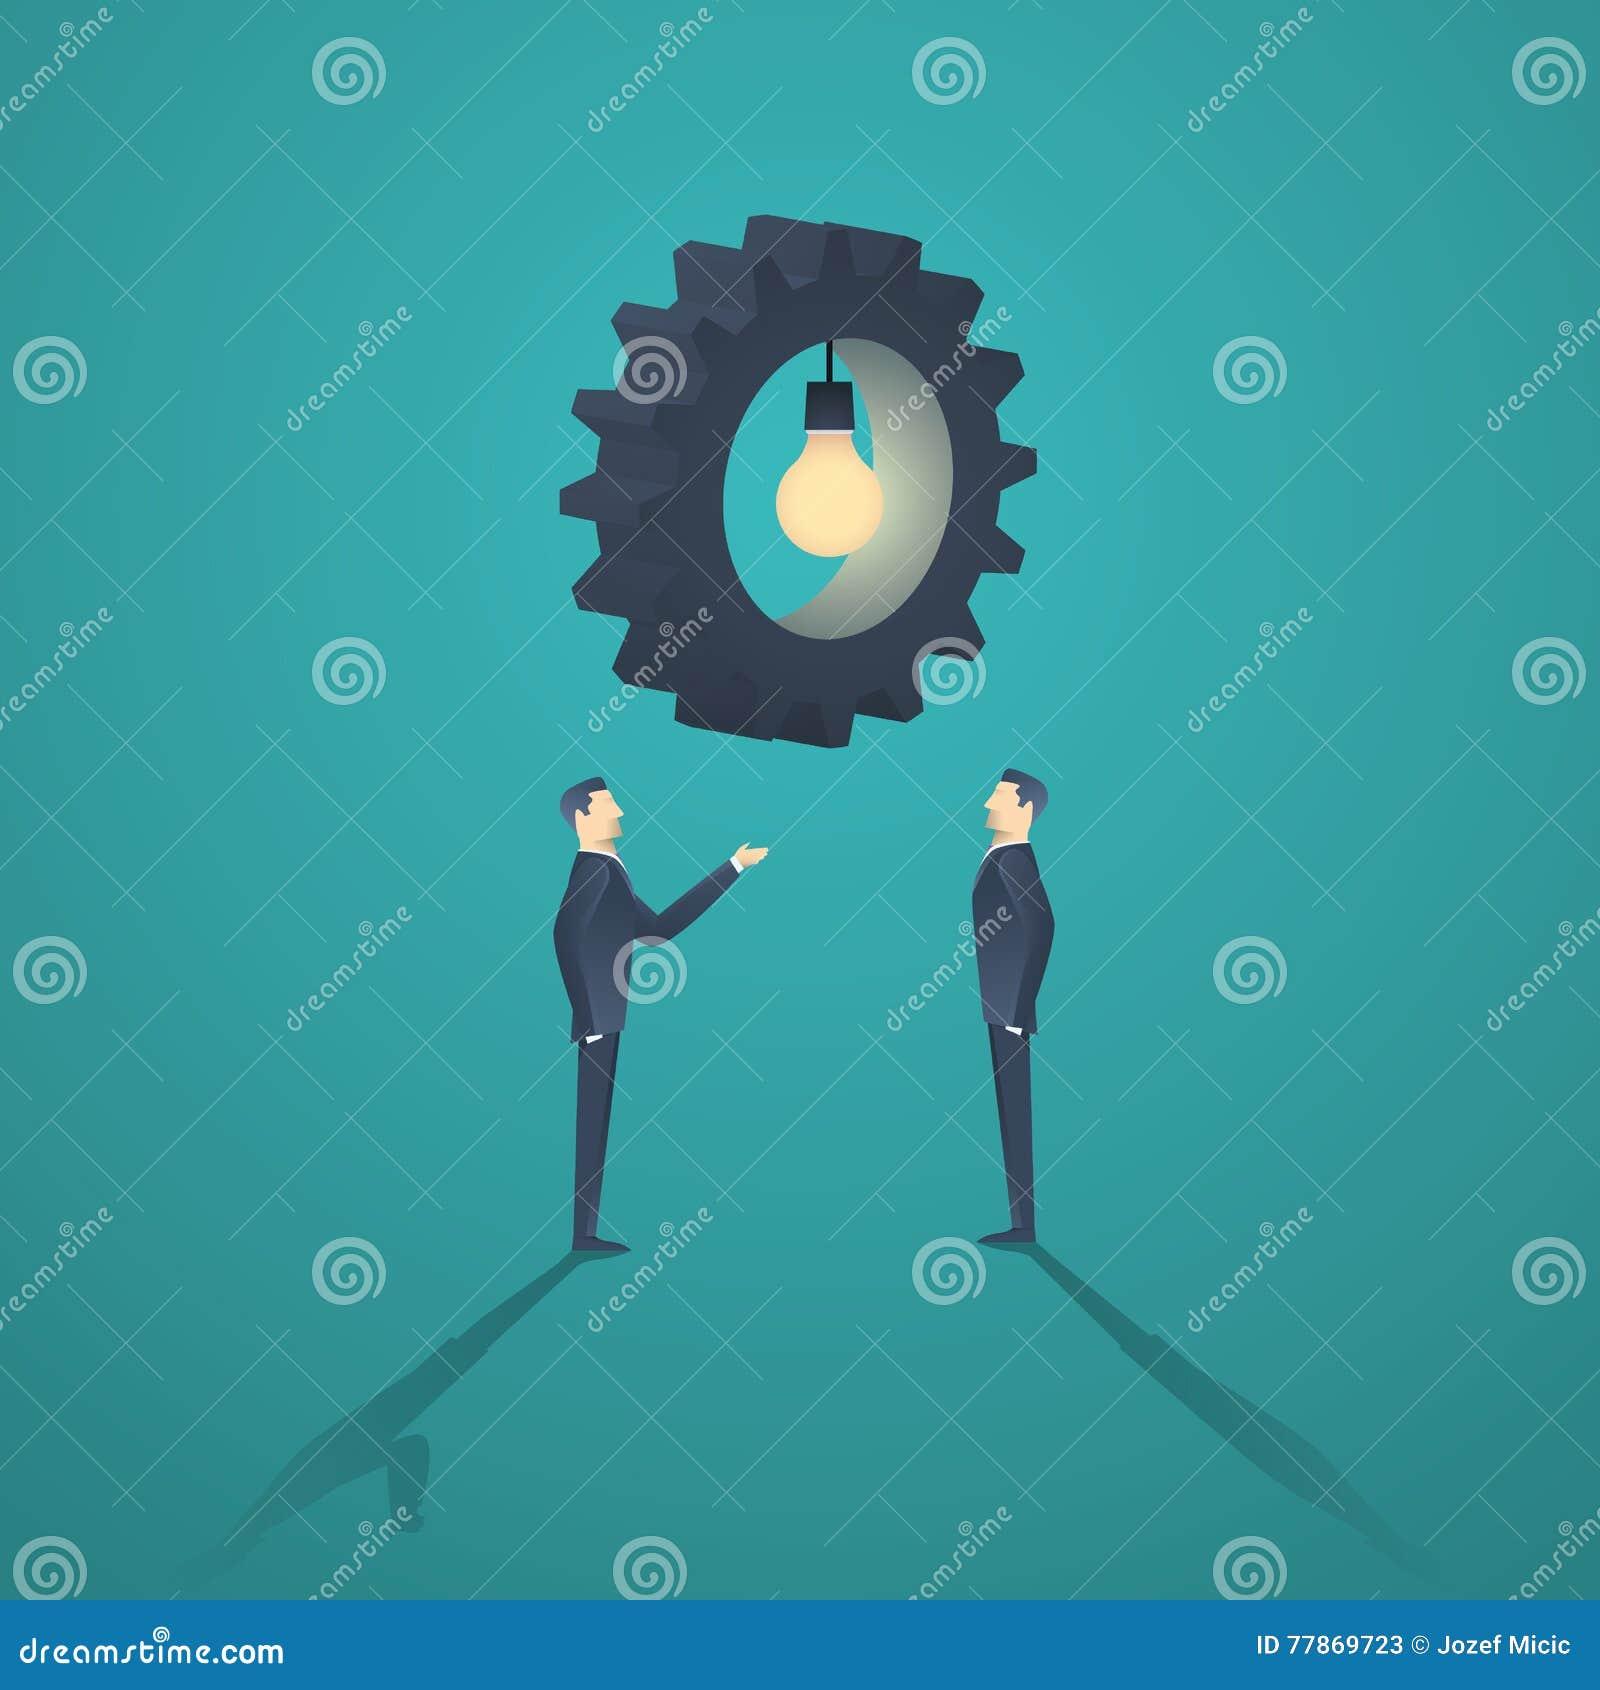 Creatief oplossings bedrijfsconcept met zakenman twee en toestel lightbulb